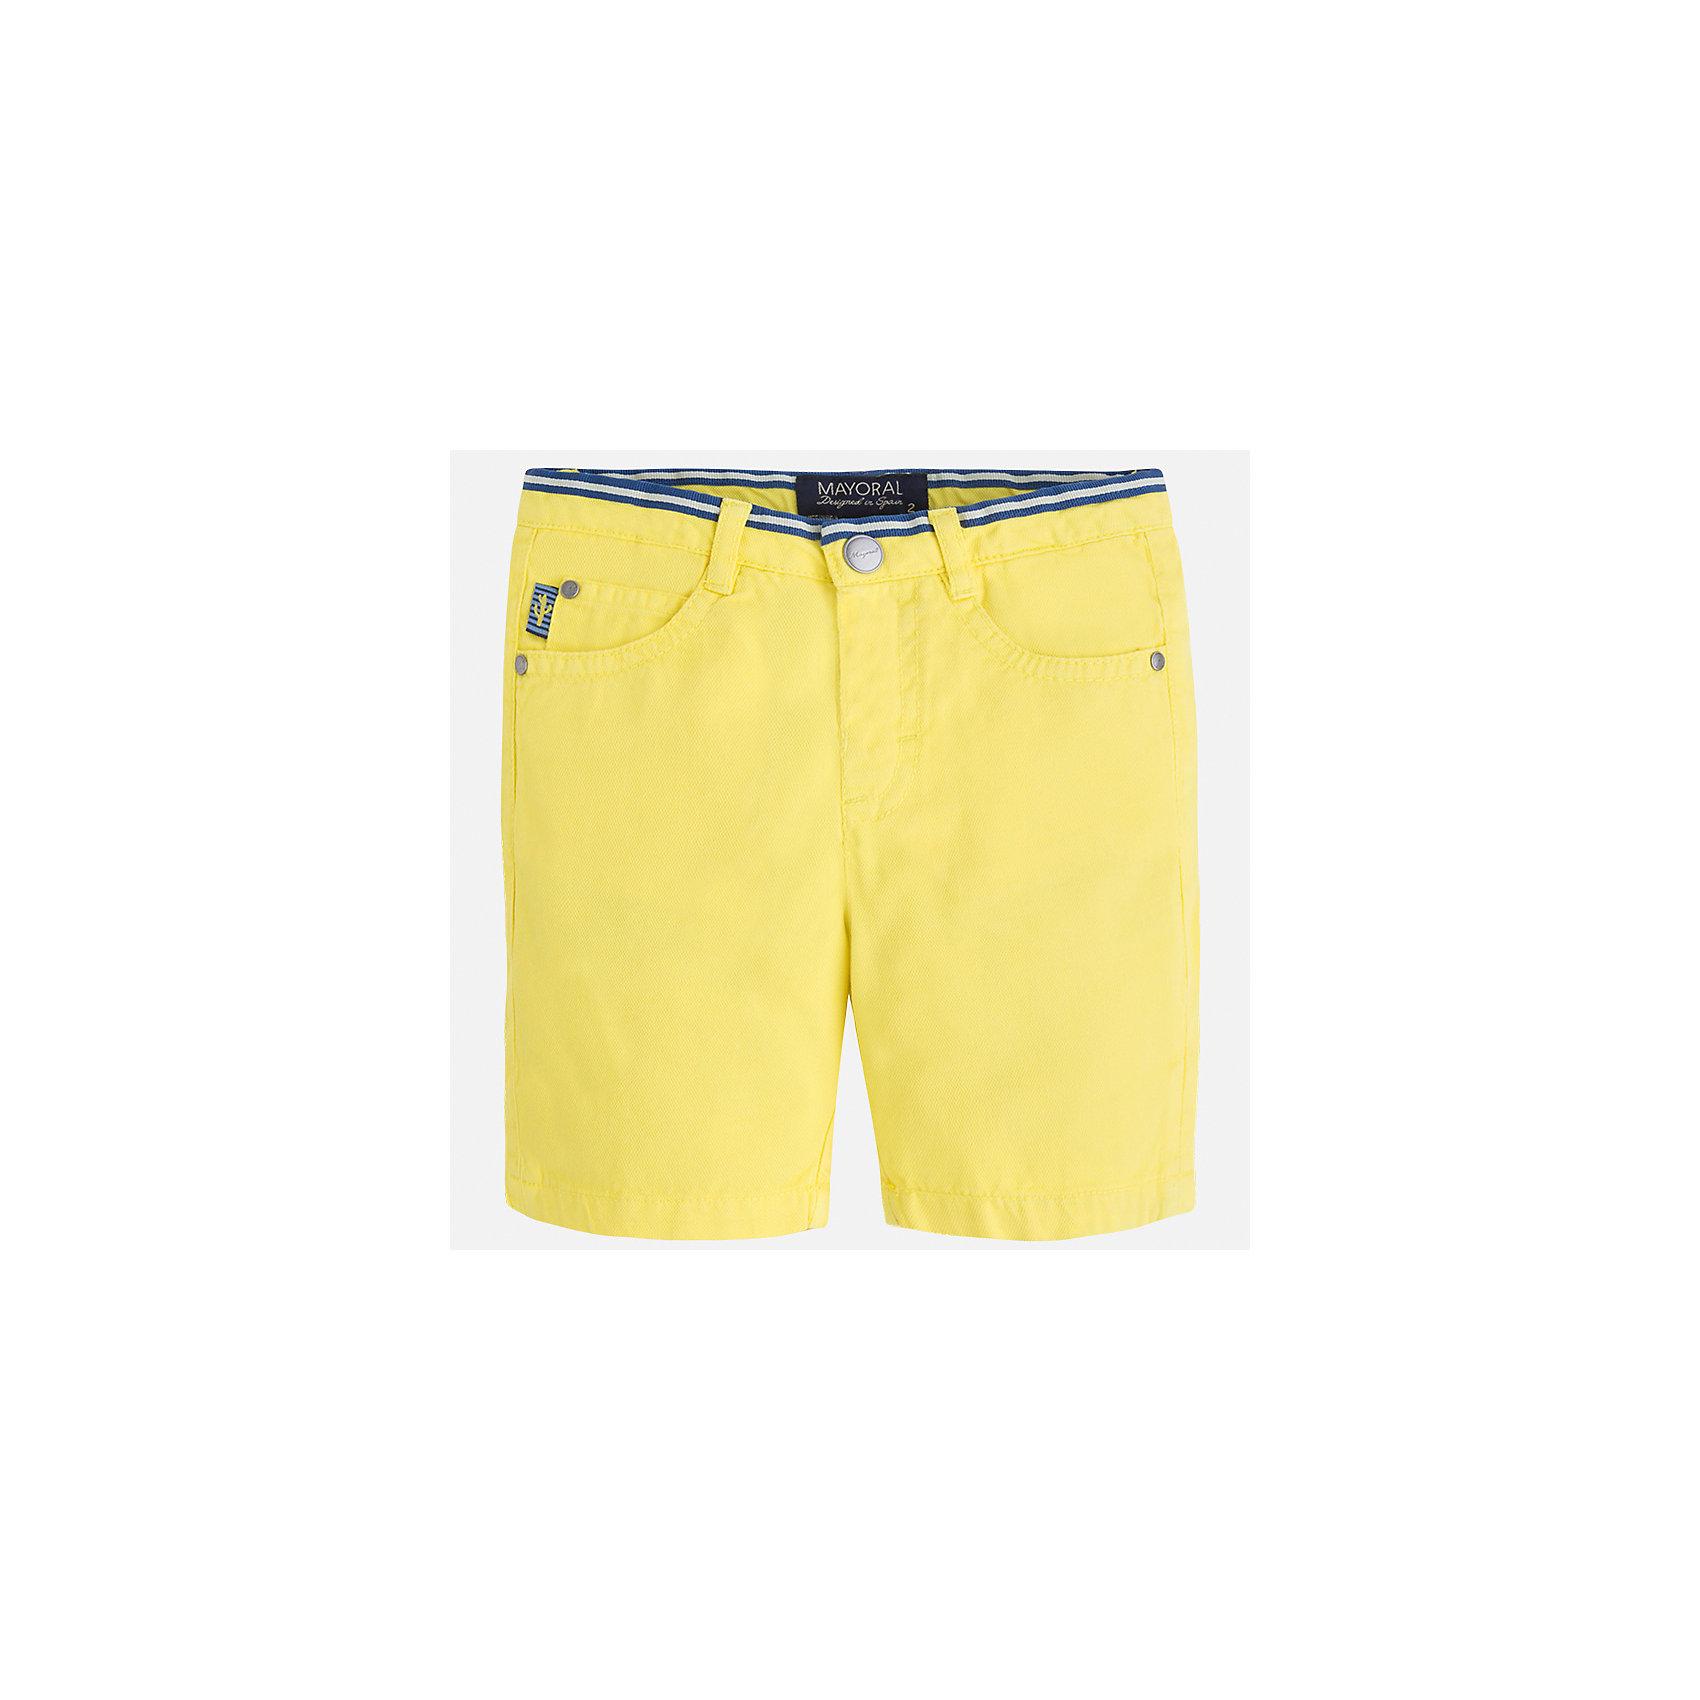 Бриджи для мальчика MayoralШорты, бриджи, капри<br>Характеристики товара:<br><br>• цвет: желтый<br>• состав: 100% хлопок<br>• шлевки<br>• карманы<br>• пояс с регулировкой объема<br>• классический крой<br>• страна бренда: Испания<br><br>Модные бриджи для мальчика смогут стать базовой вещью в гардеробе ребенка. Они отлично сочетаются с майками, футболками, рубашками и т.д. Универсальный крой и цвет позволяет подобрать к вещи верх разных расцветок. Практичное и стильное изделие! В составе материала - натуральный хлопок, гипоаллергенный, приятный на ощупь, дышащий.<br><br>Одежда, обувь и аксессуары от испанского бренда Mayoral полюбились детям и взрослым по всему миру. Модели этой марки - стильные и удобные. Для их производства используются только безопасные, качественные материалы и фурнитура. Порадуйте ребенка модными и красивыми вещами от Mayoral! <br><br>Бриджи для мальчика от испанского бренда Mayoral (Майорал) можно купить в нашем интернет-магазине.<br><br>Ширина мм: 191<br>Глубина мм: 10<br>Высота мм: 175<br>Вес г: 273<br>Цвет: желтый<br>Возраст от месяцев: 36<br>Возраст до месяцев: 48<br>Пол: Мужской<br>Возраст: Детский<br>Размер: 104,116,110,128,98,134,122,92<br>SKU: 5272567